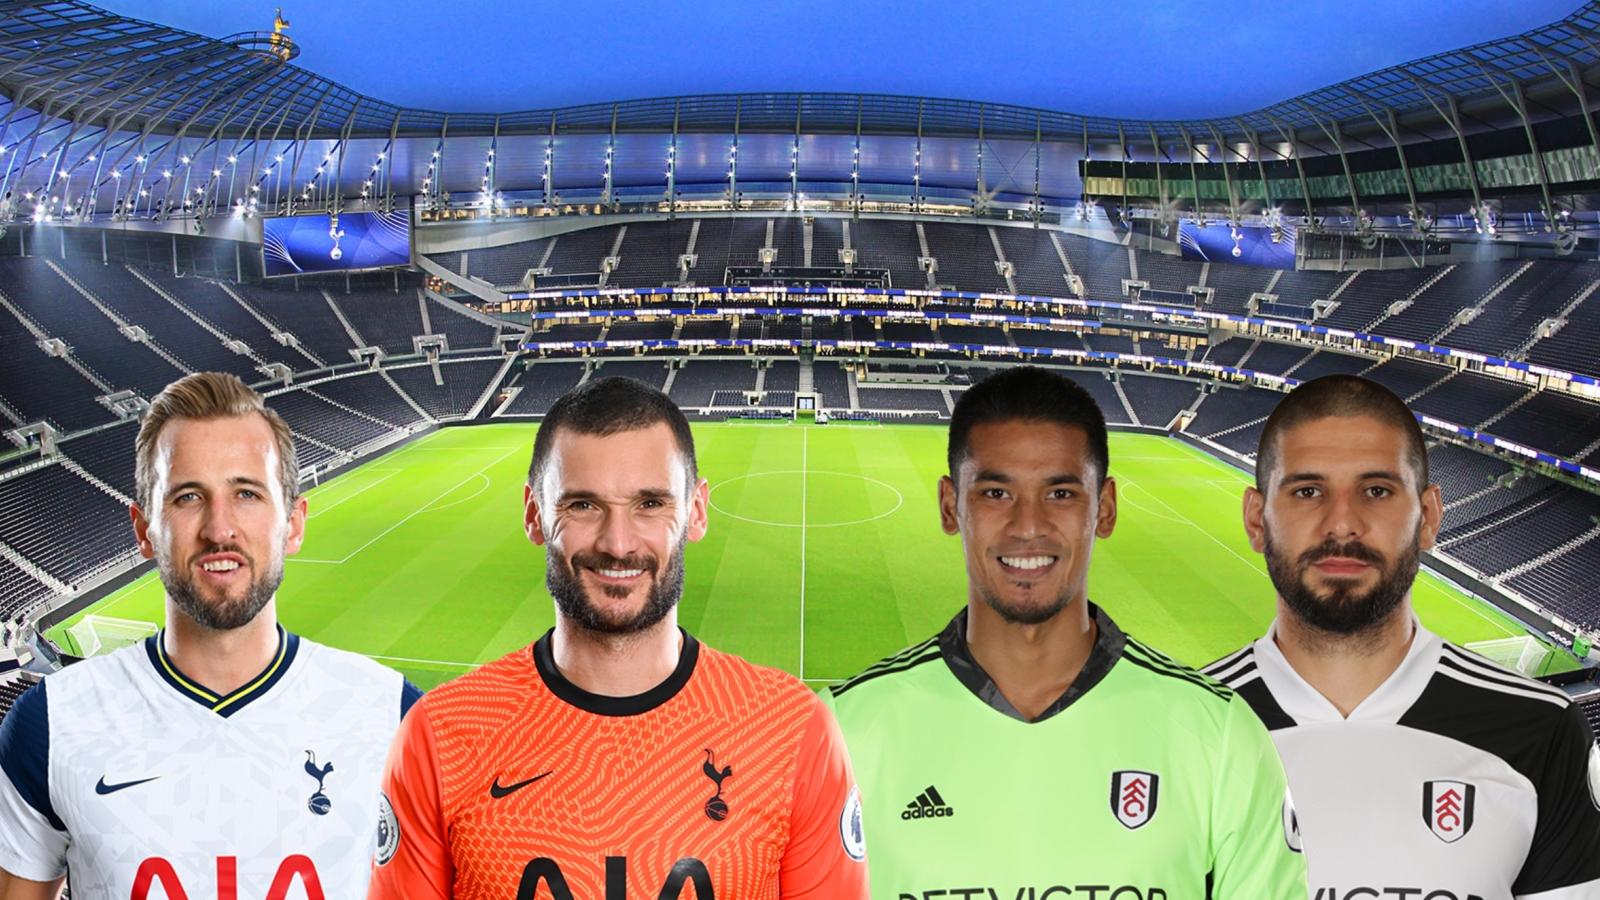 Dự đoán tỷ số, đội hình xuất phát trận Tottenham - Fulham